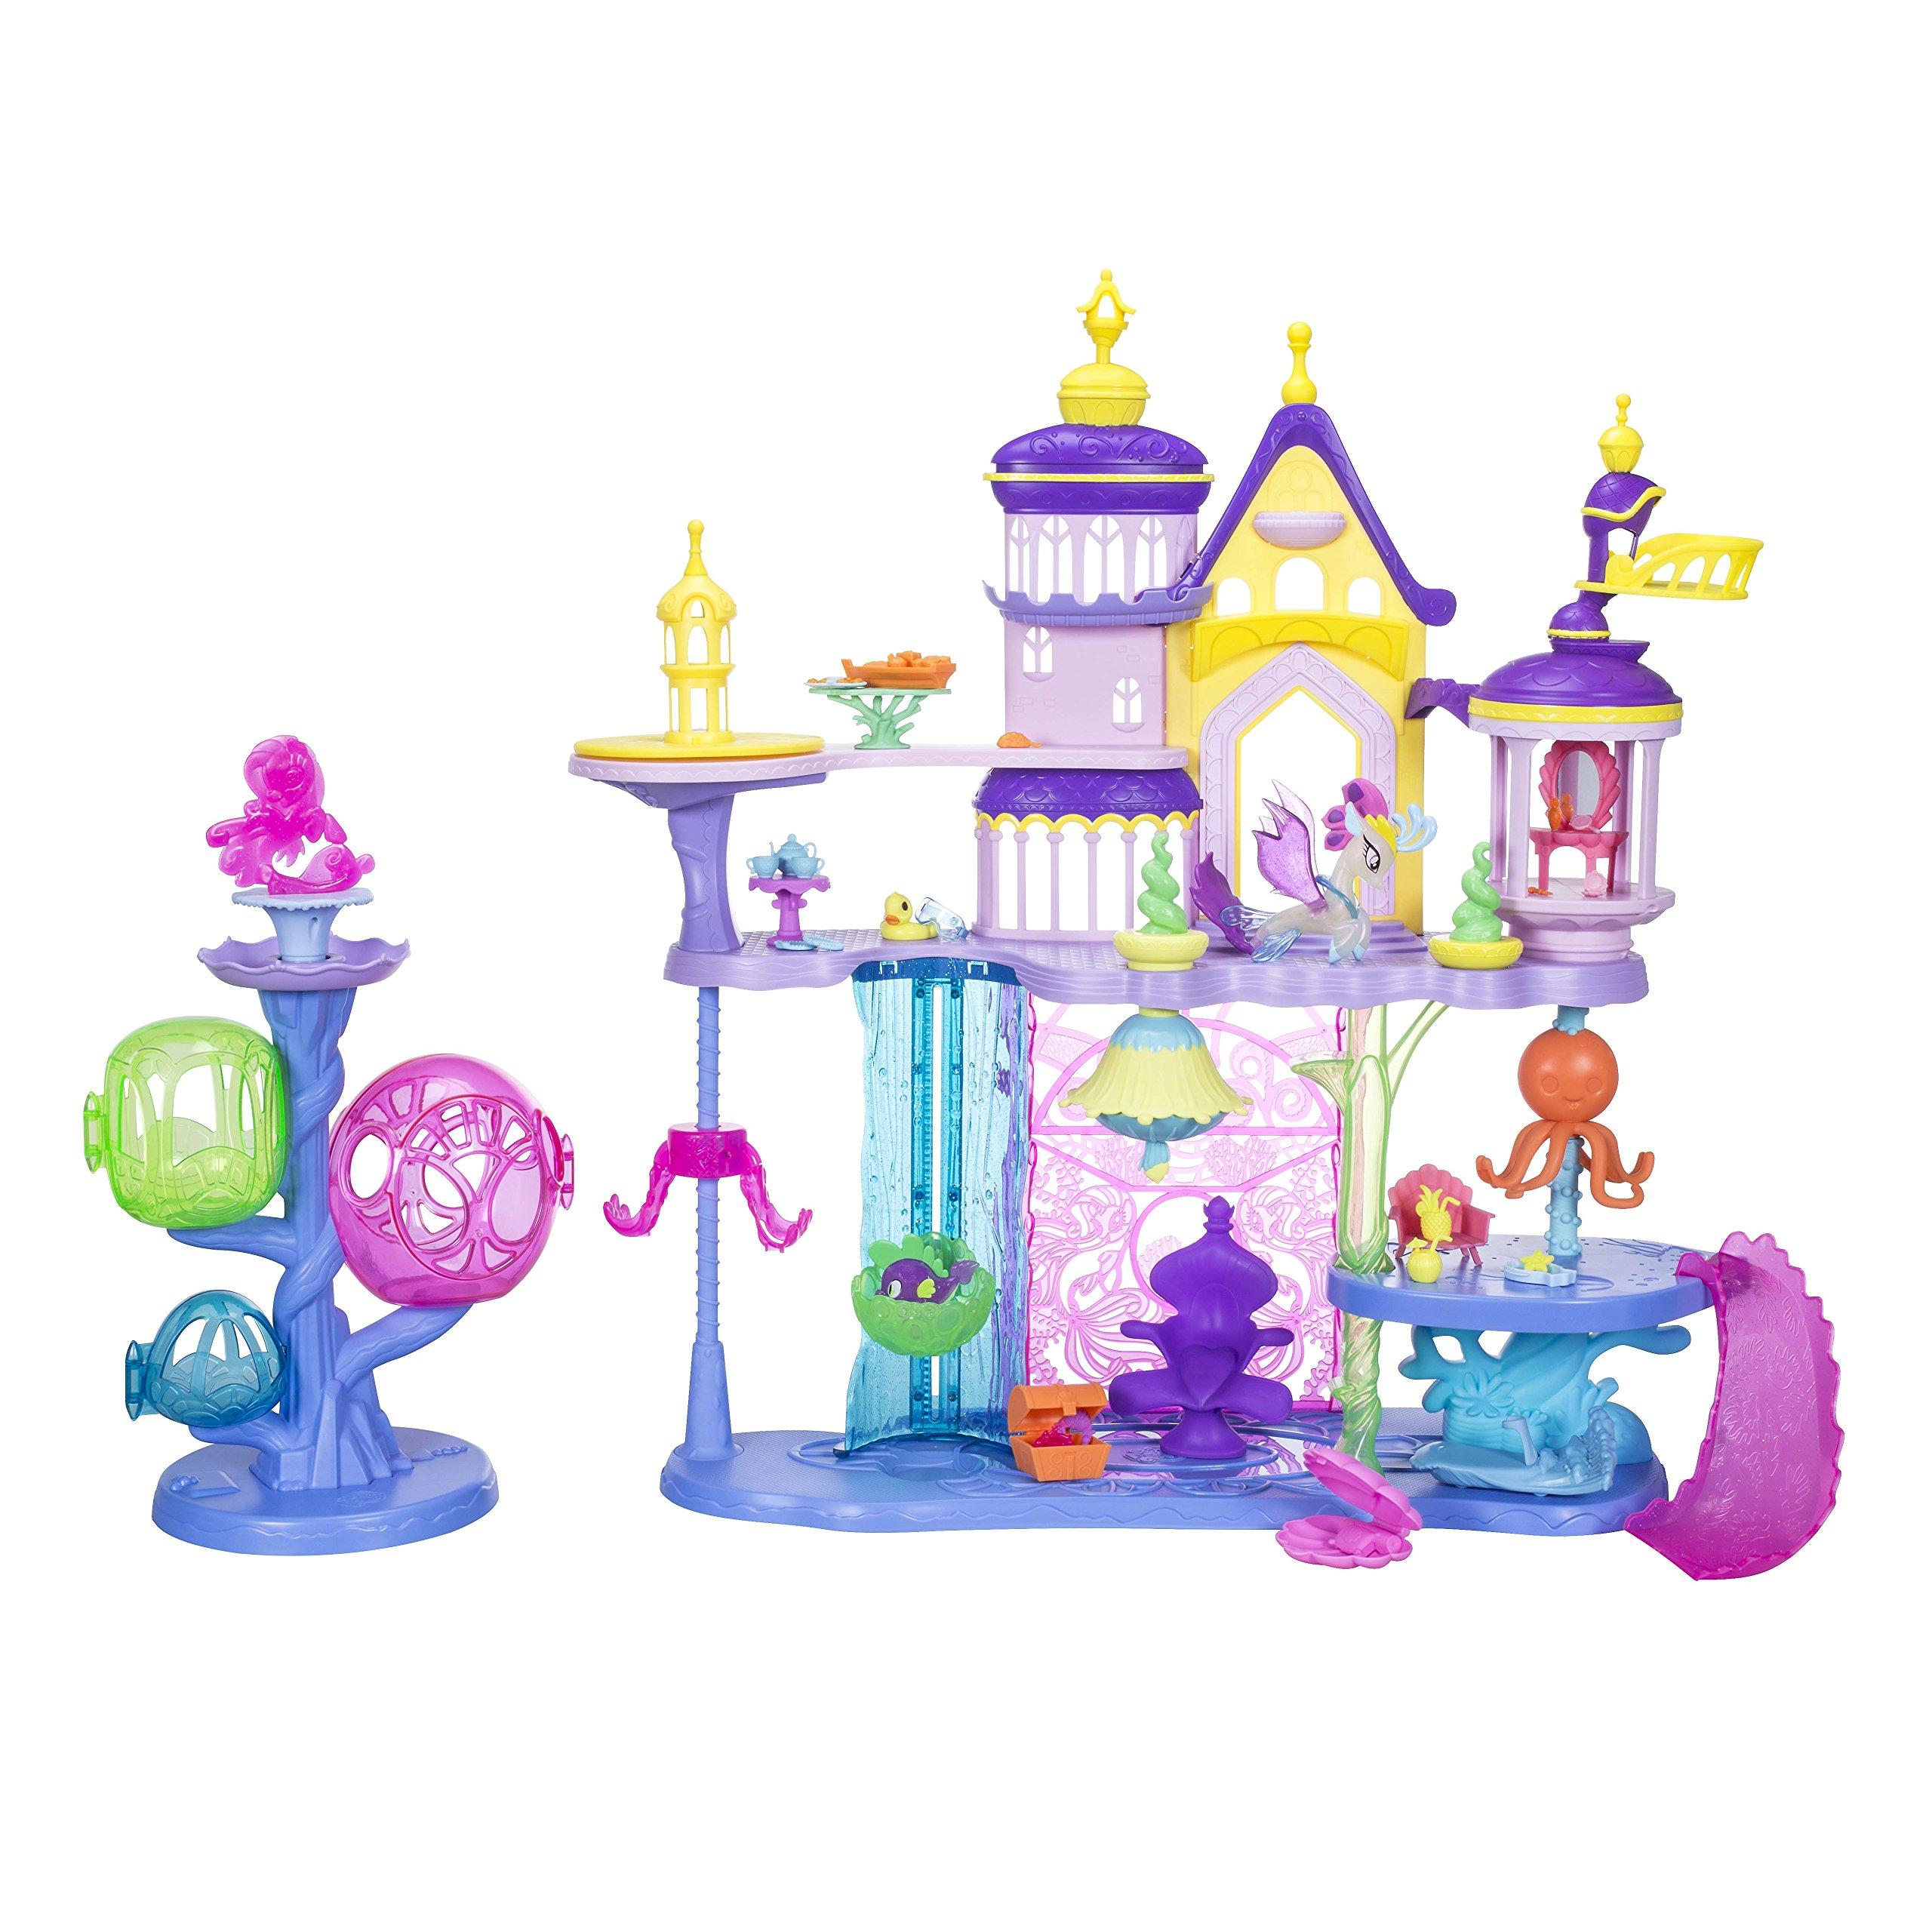 마이 리틀 포니 캔탈롯 씨퀘스트리아 캐슬 My Little Pony: The Movie Canterlot & Seaquestria Castle with Light-Up Tower